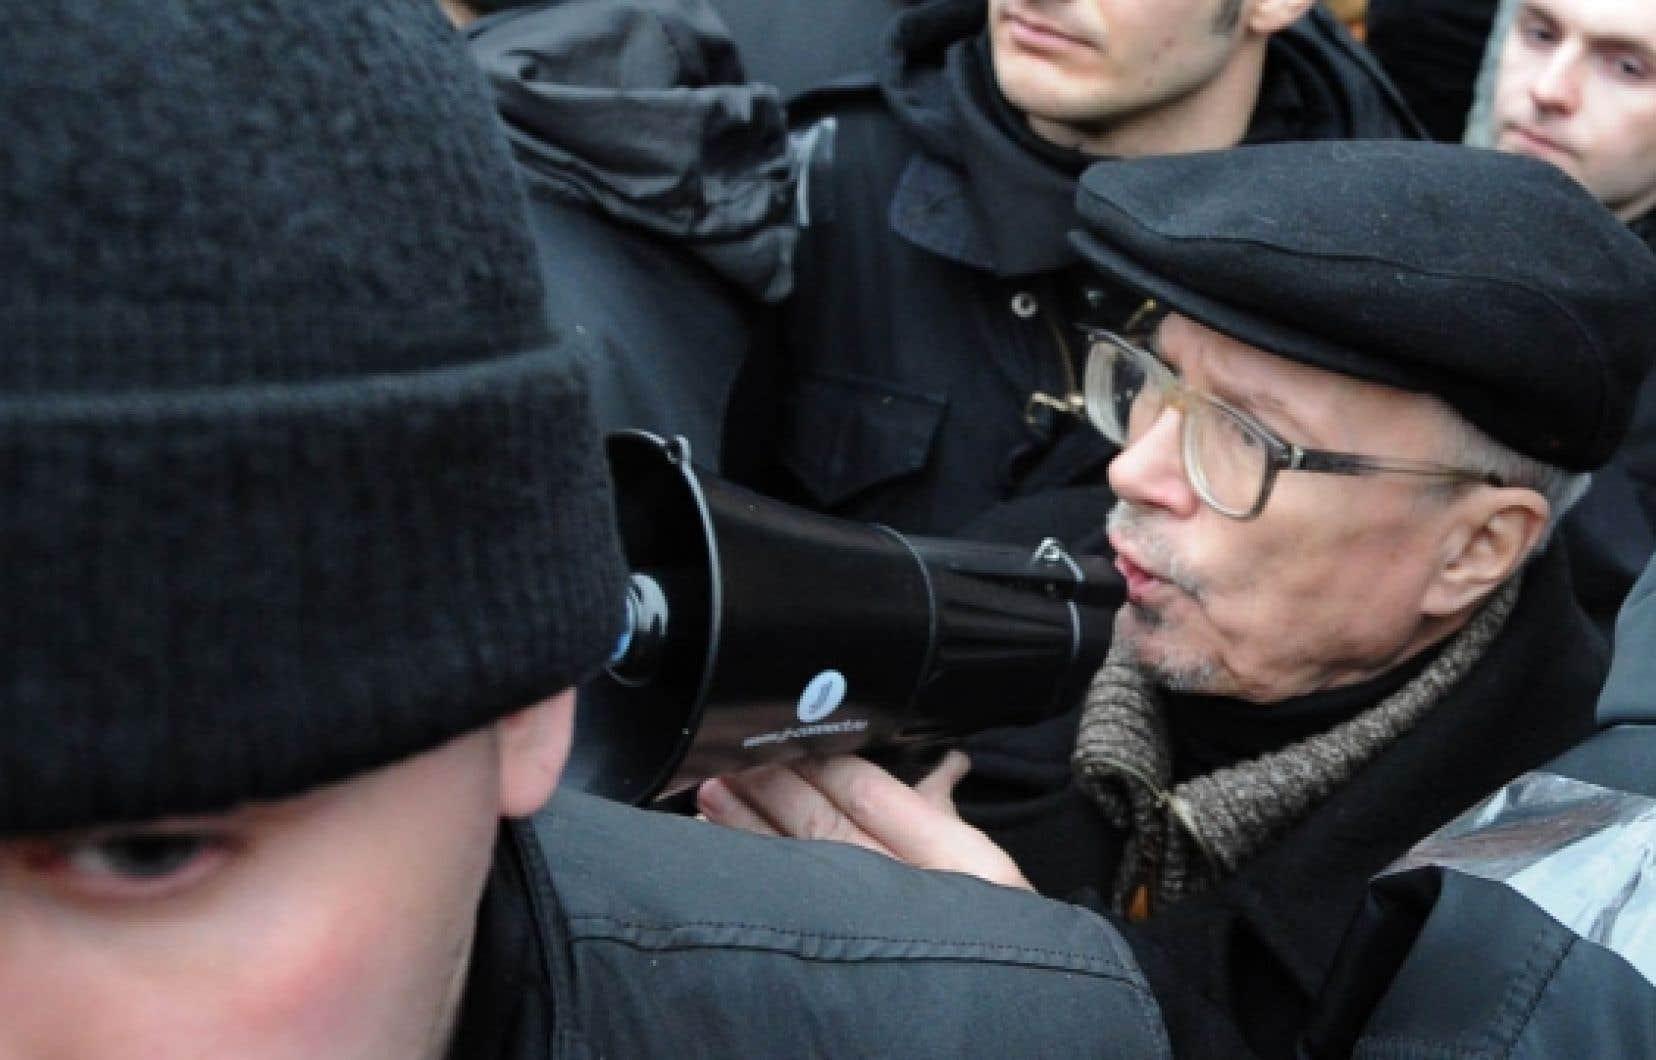 Édouard Veniaminovitch Savenko, alias Limonov, 68 ans, poète, aventurier et politicien des extrêmes devant l'Éternel. «Dans un état policier comme le nôtre, l'important est de mettre fin au régime de Poutine», dit-il. <br />